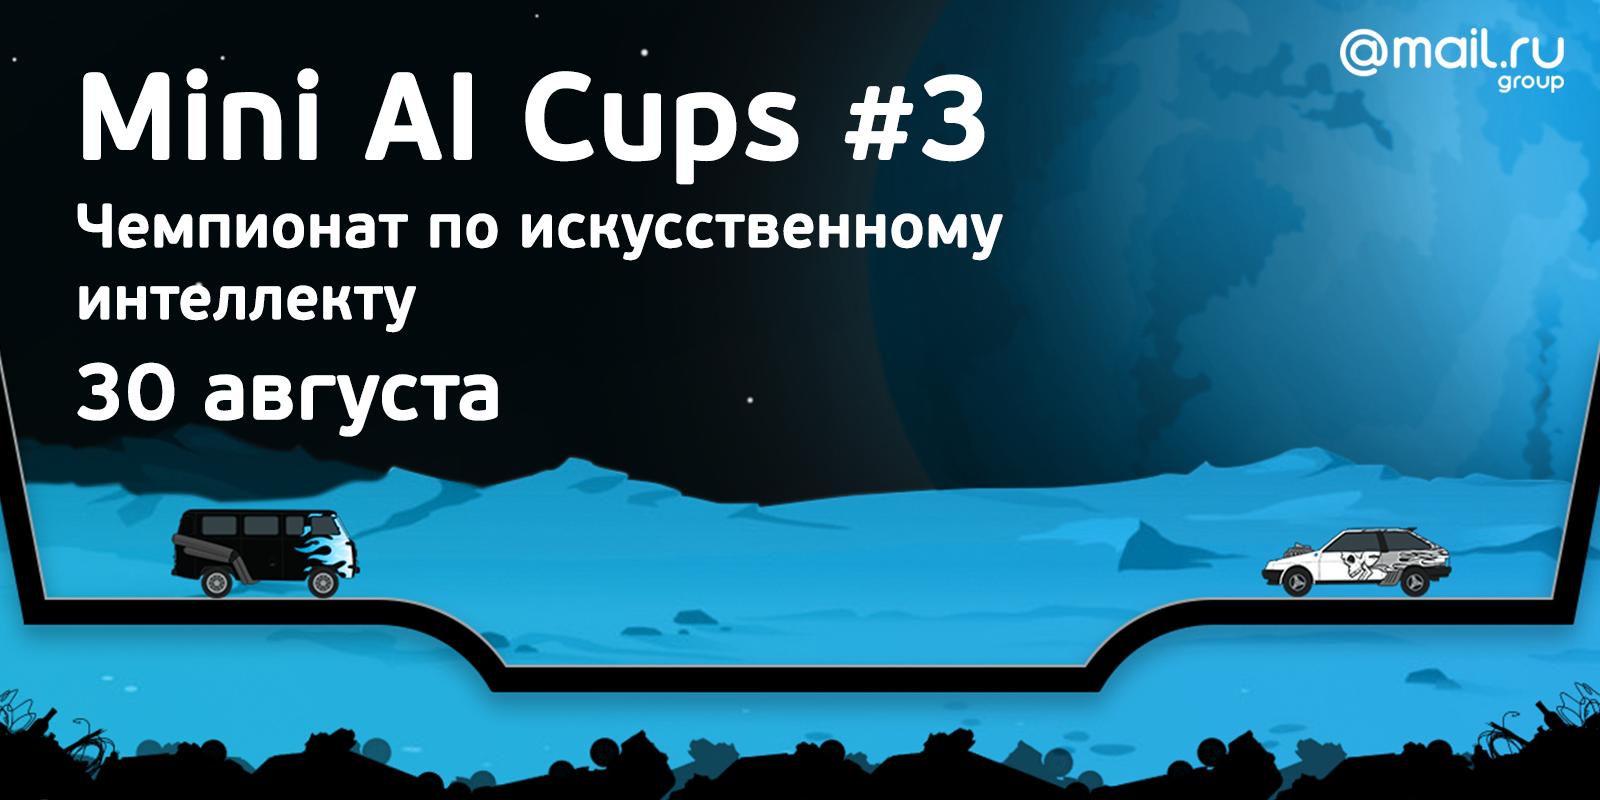 Запускаем Mini AI Cup #3. Битва машин в тесных закрытых пространствах - 1